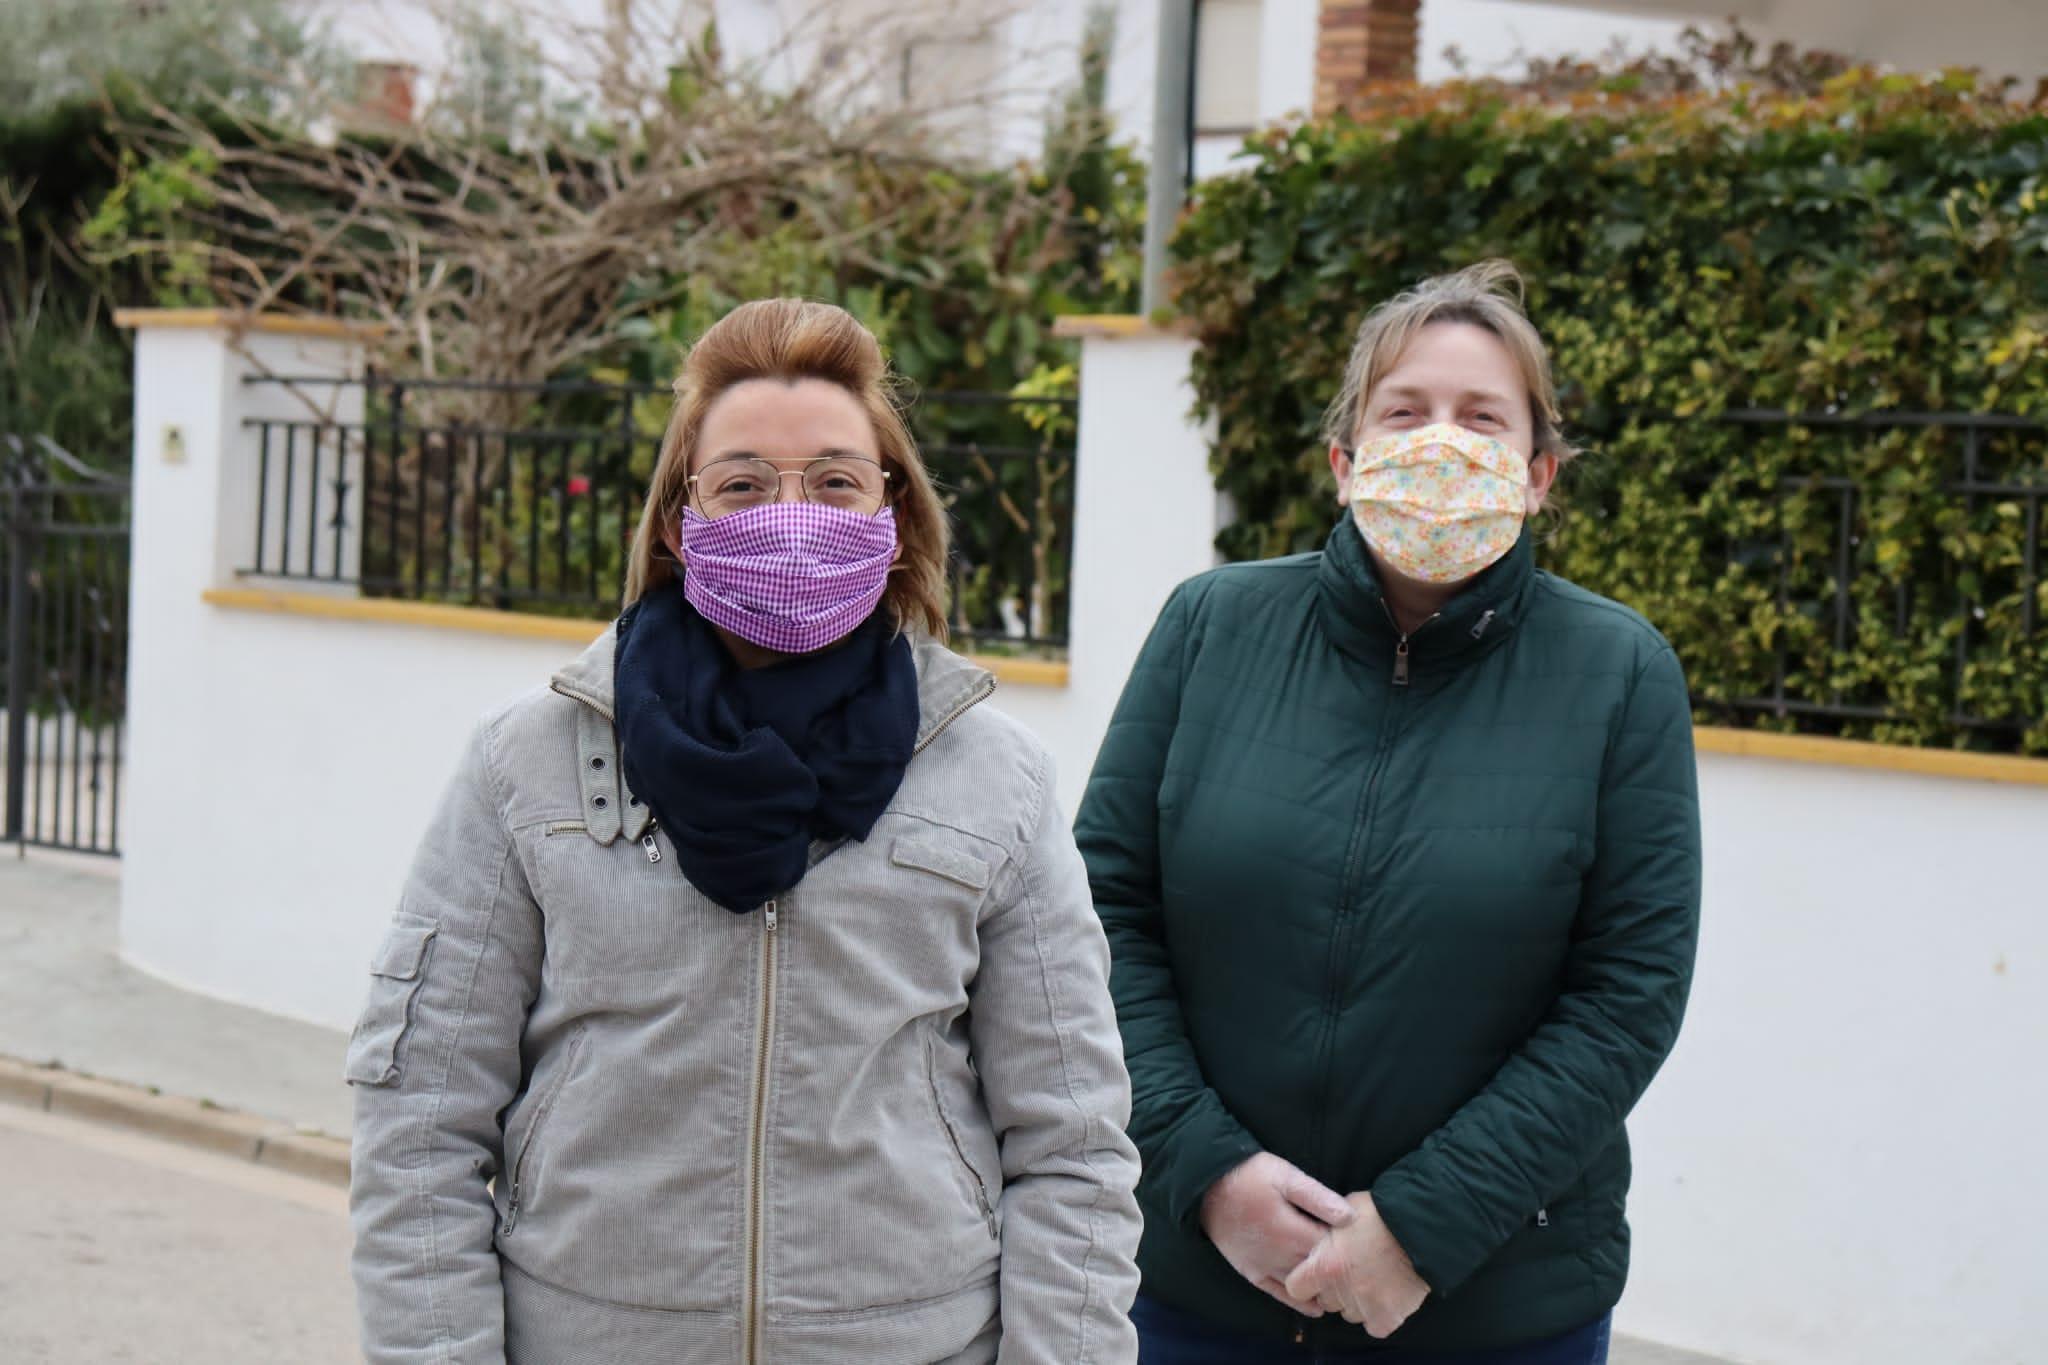 L'Ajuntament de la Bisbal del Penedès ha distribuït 51 targetes moneder entre els beneficiaris de les beques de menjador escolar